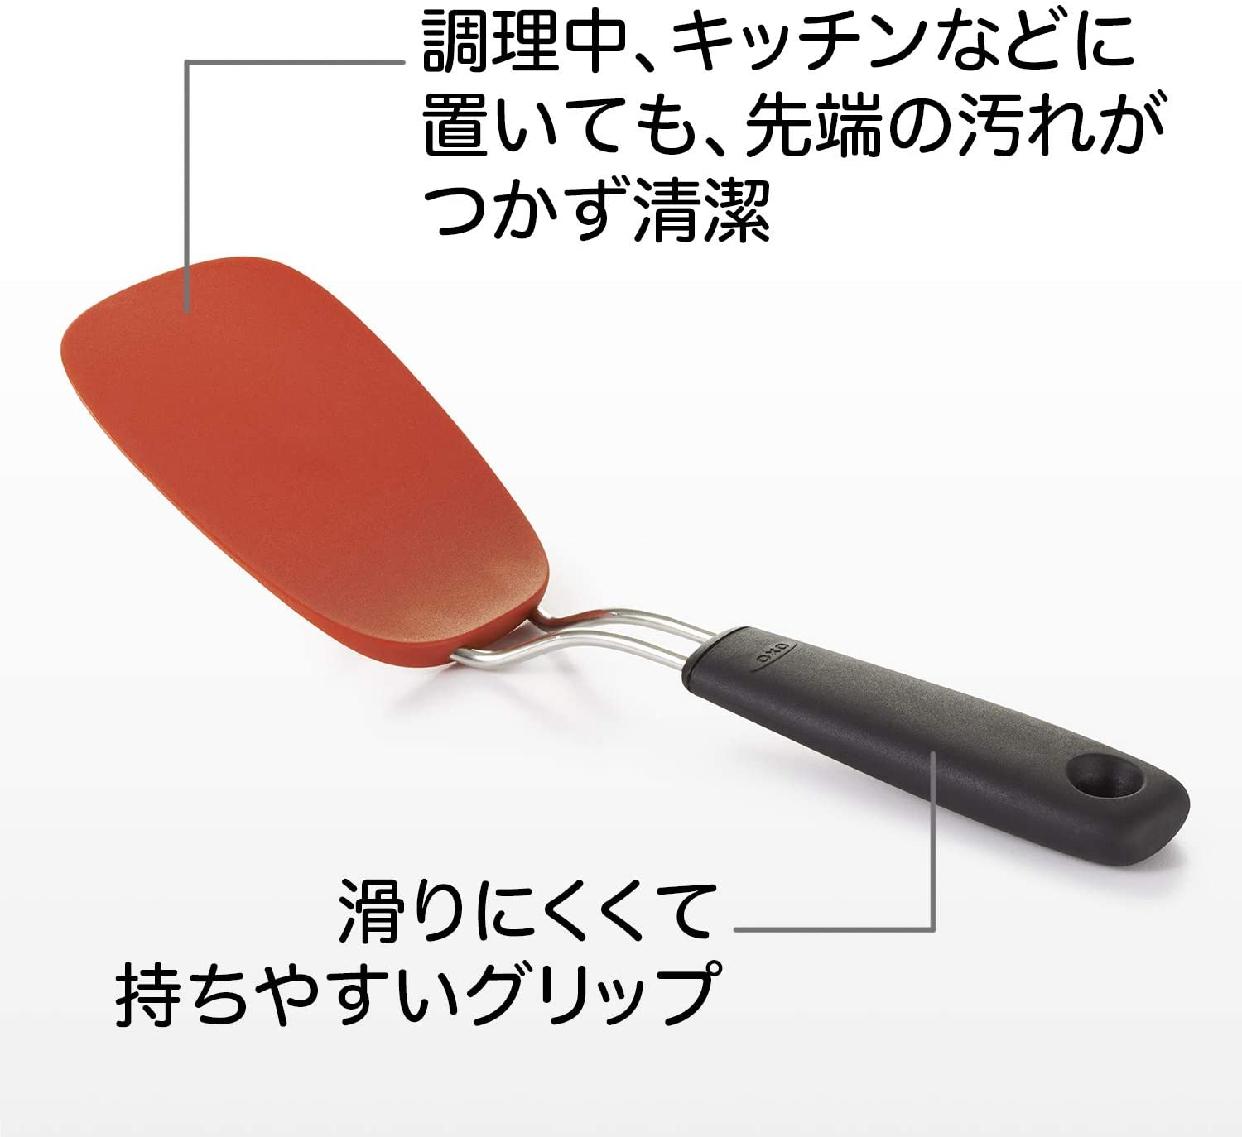 OXO(オクソー) ナイロンソフトターナー トマト 11152200の商品画像5